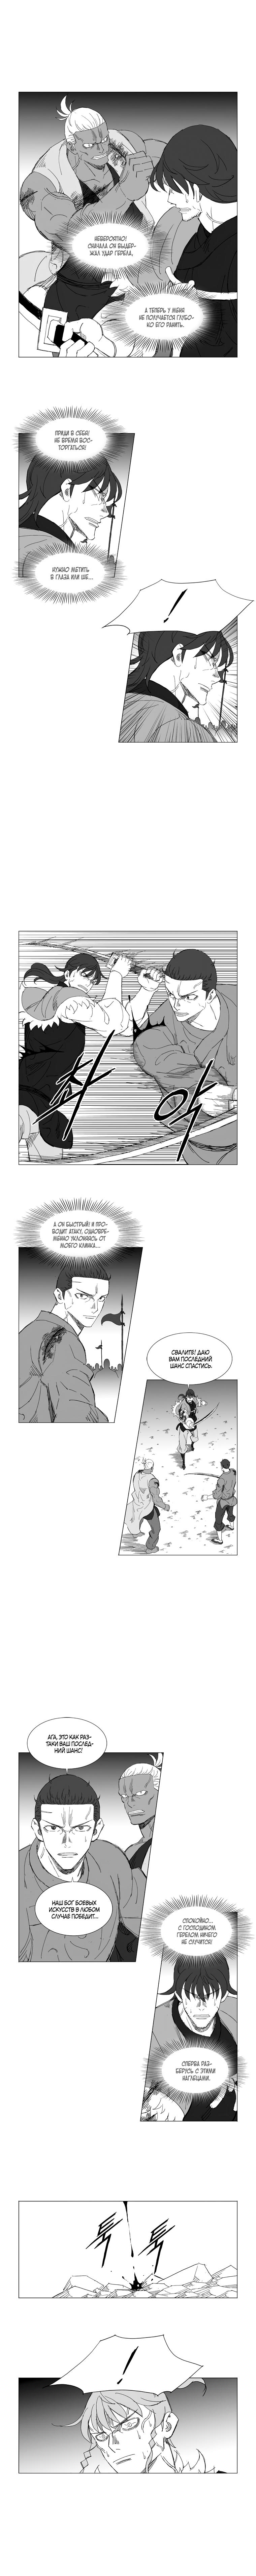 https://r1.ninemanga.com/comics/pic3/39/28263/1331552/1554926423159.png Page 2